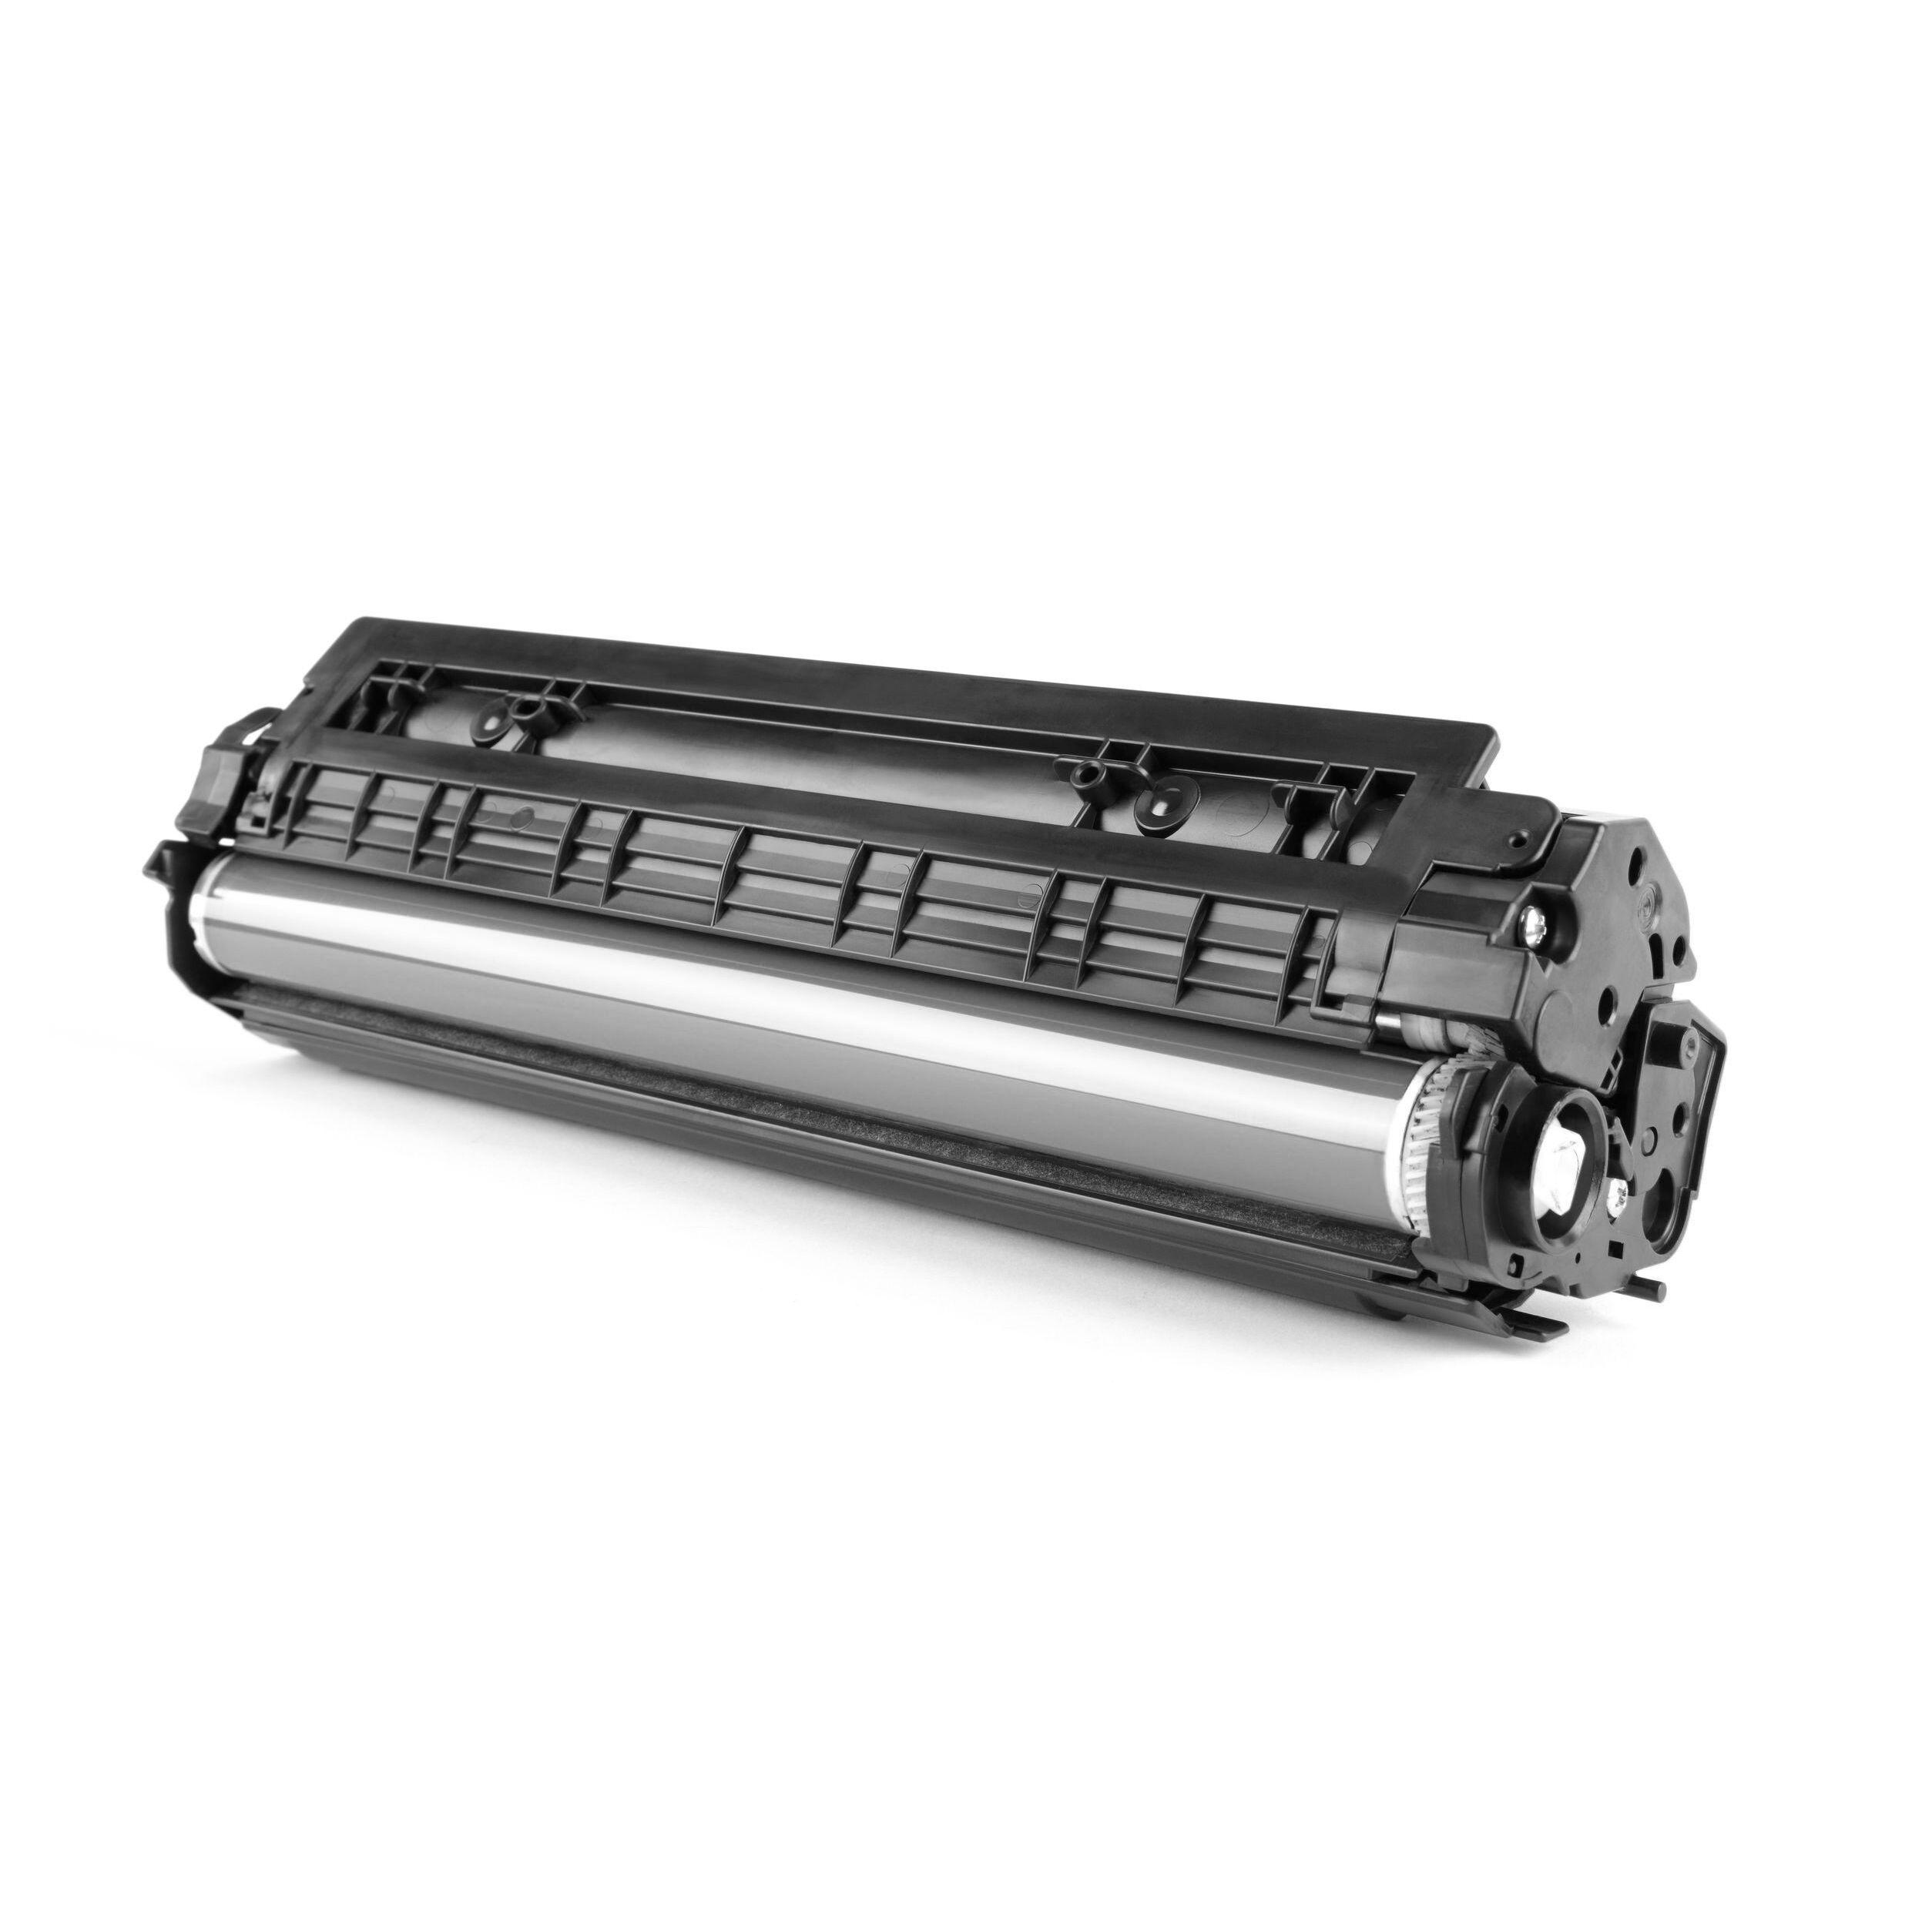 Brother HSE-211 Druckerzubehör schwarz white original - passend für Brother P-Touch PT-P 900 NW